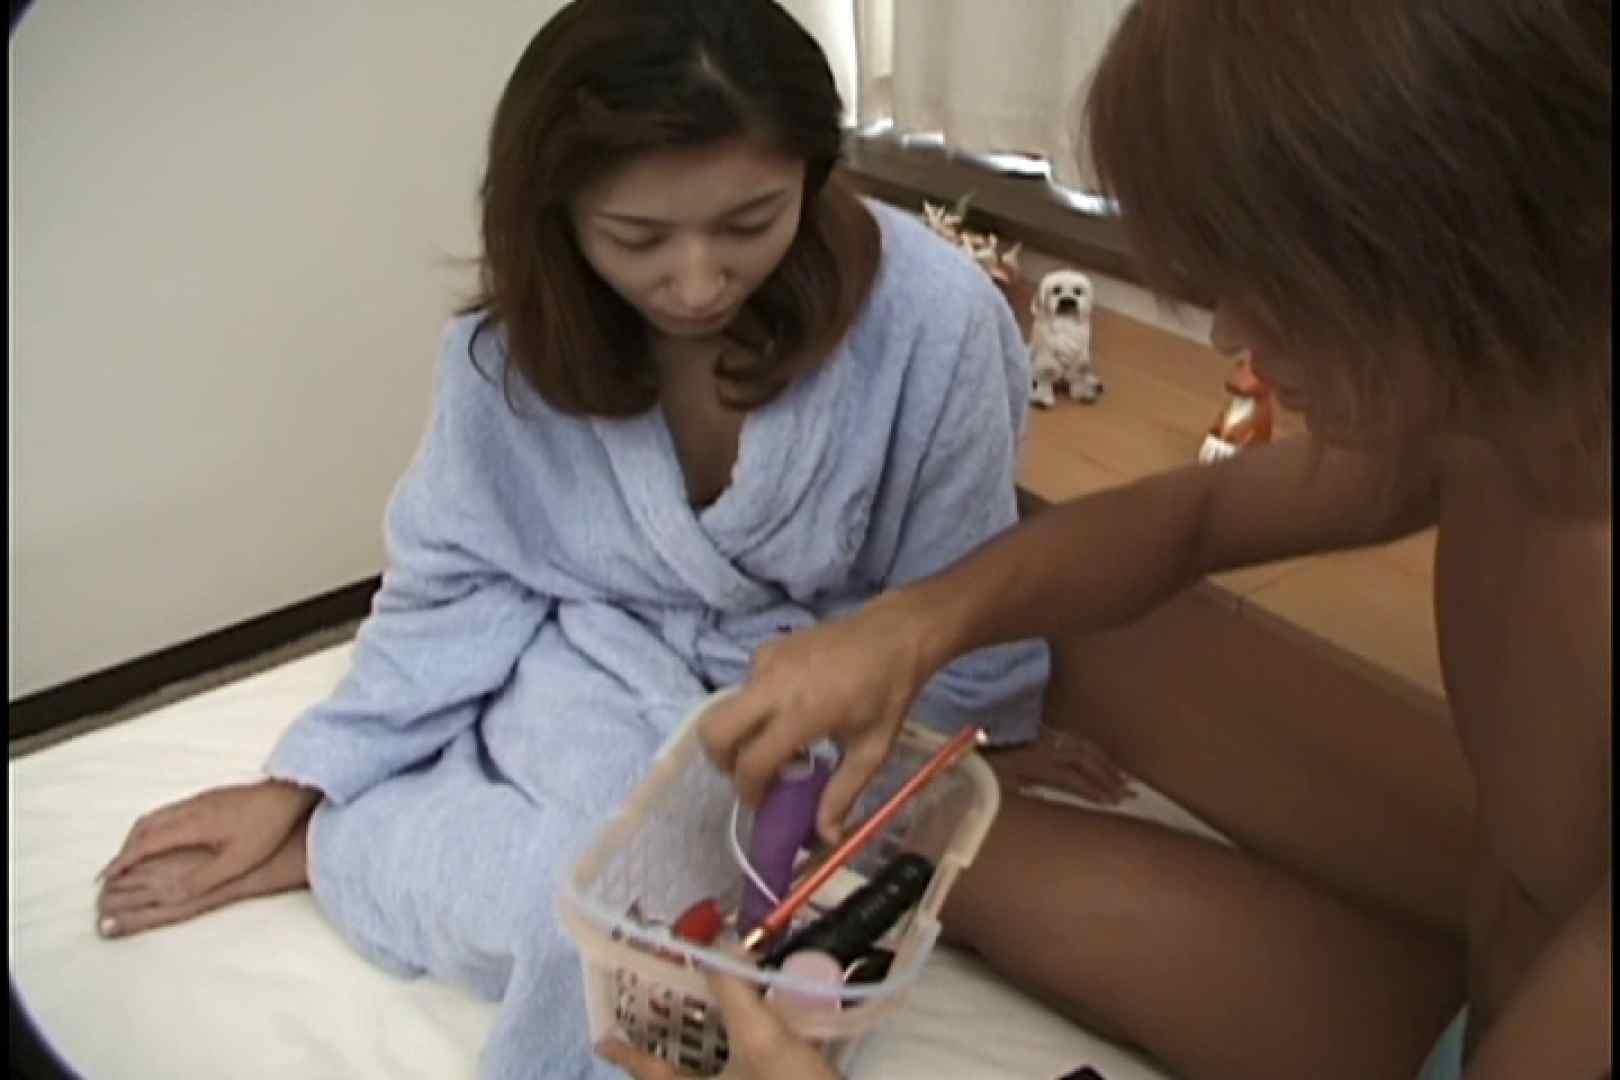 昼間の奥様は欲求不満 ~安田弘美~ SEX映像 AV無料動画キャプチャ 77pic 38